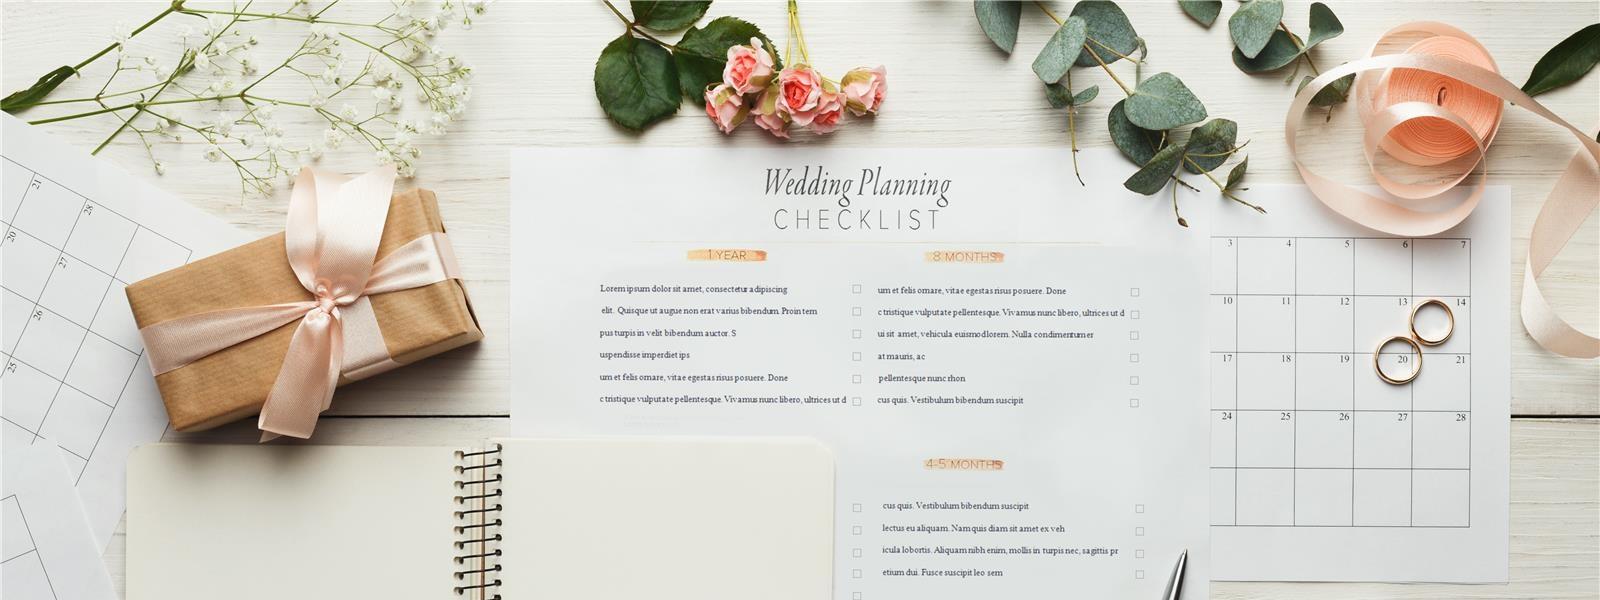 מתחתנים מתגייסים: הנחות לנפגעי איזיווד